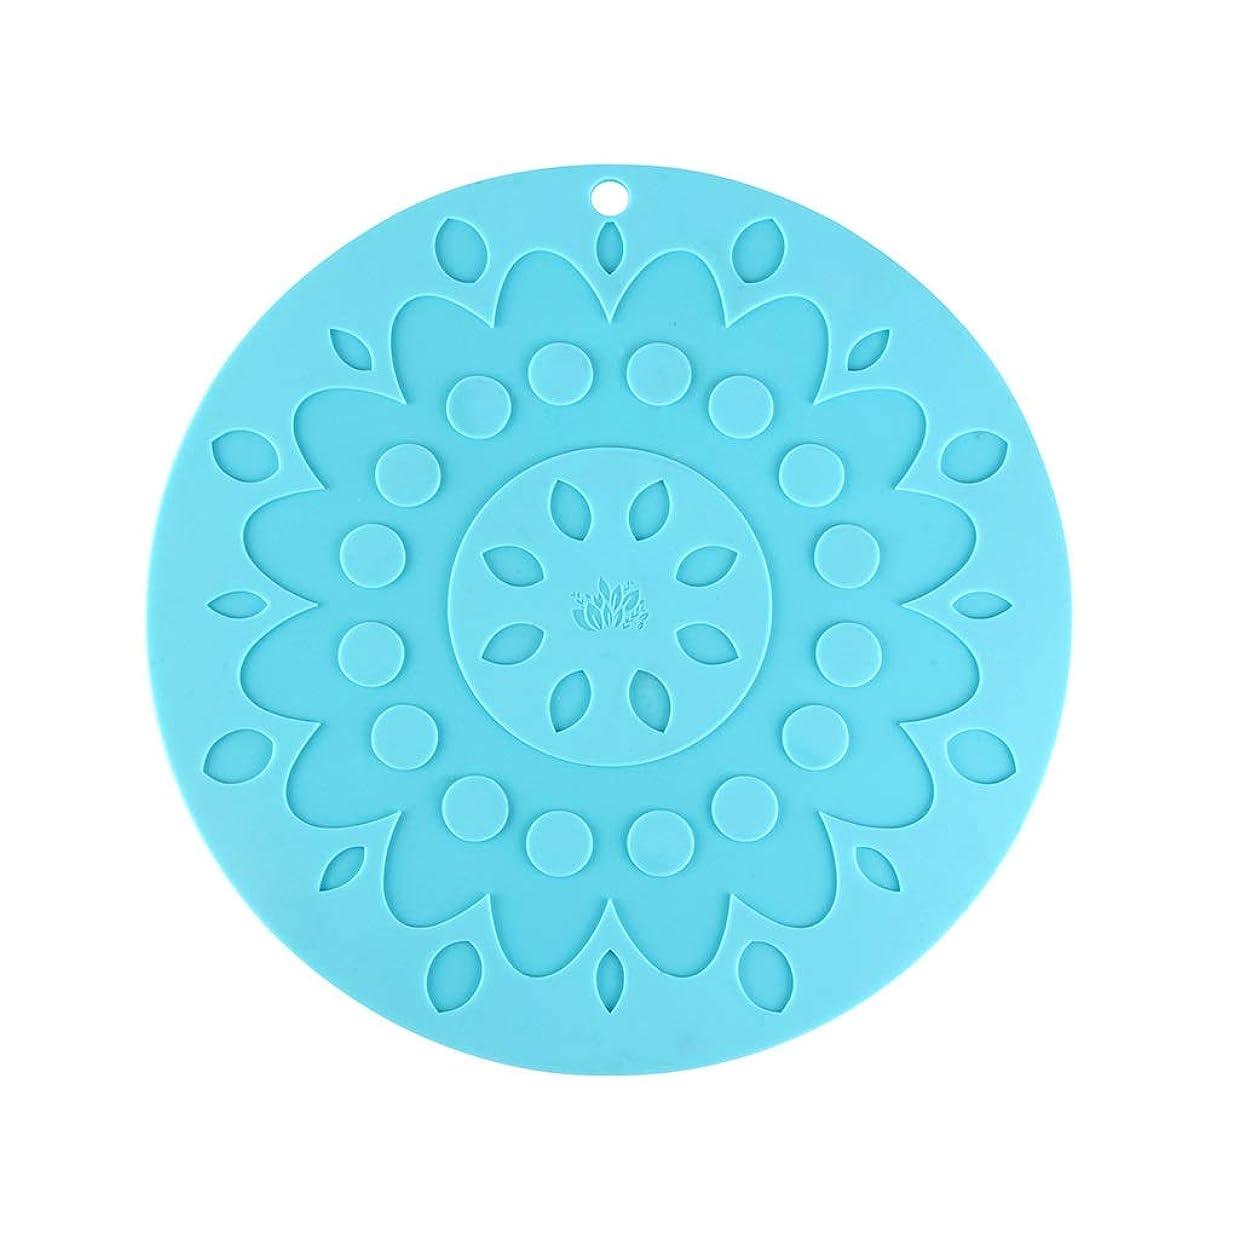 俳句口男XJLXX 断熱パッド、シリコンプレースマット、多目的マットを増やすための29cmの厚さ デスクトップ絶縁パッド (Color : D)